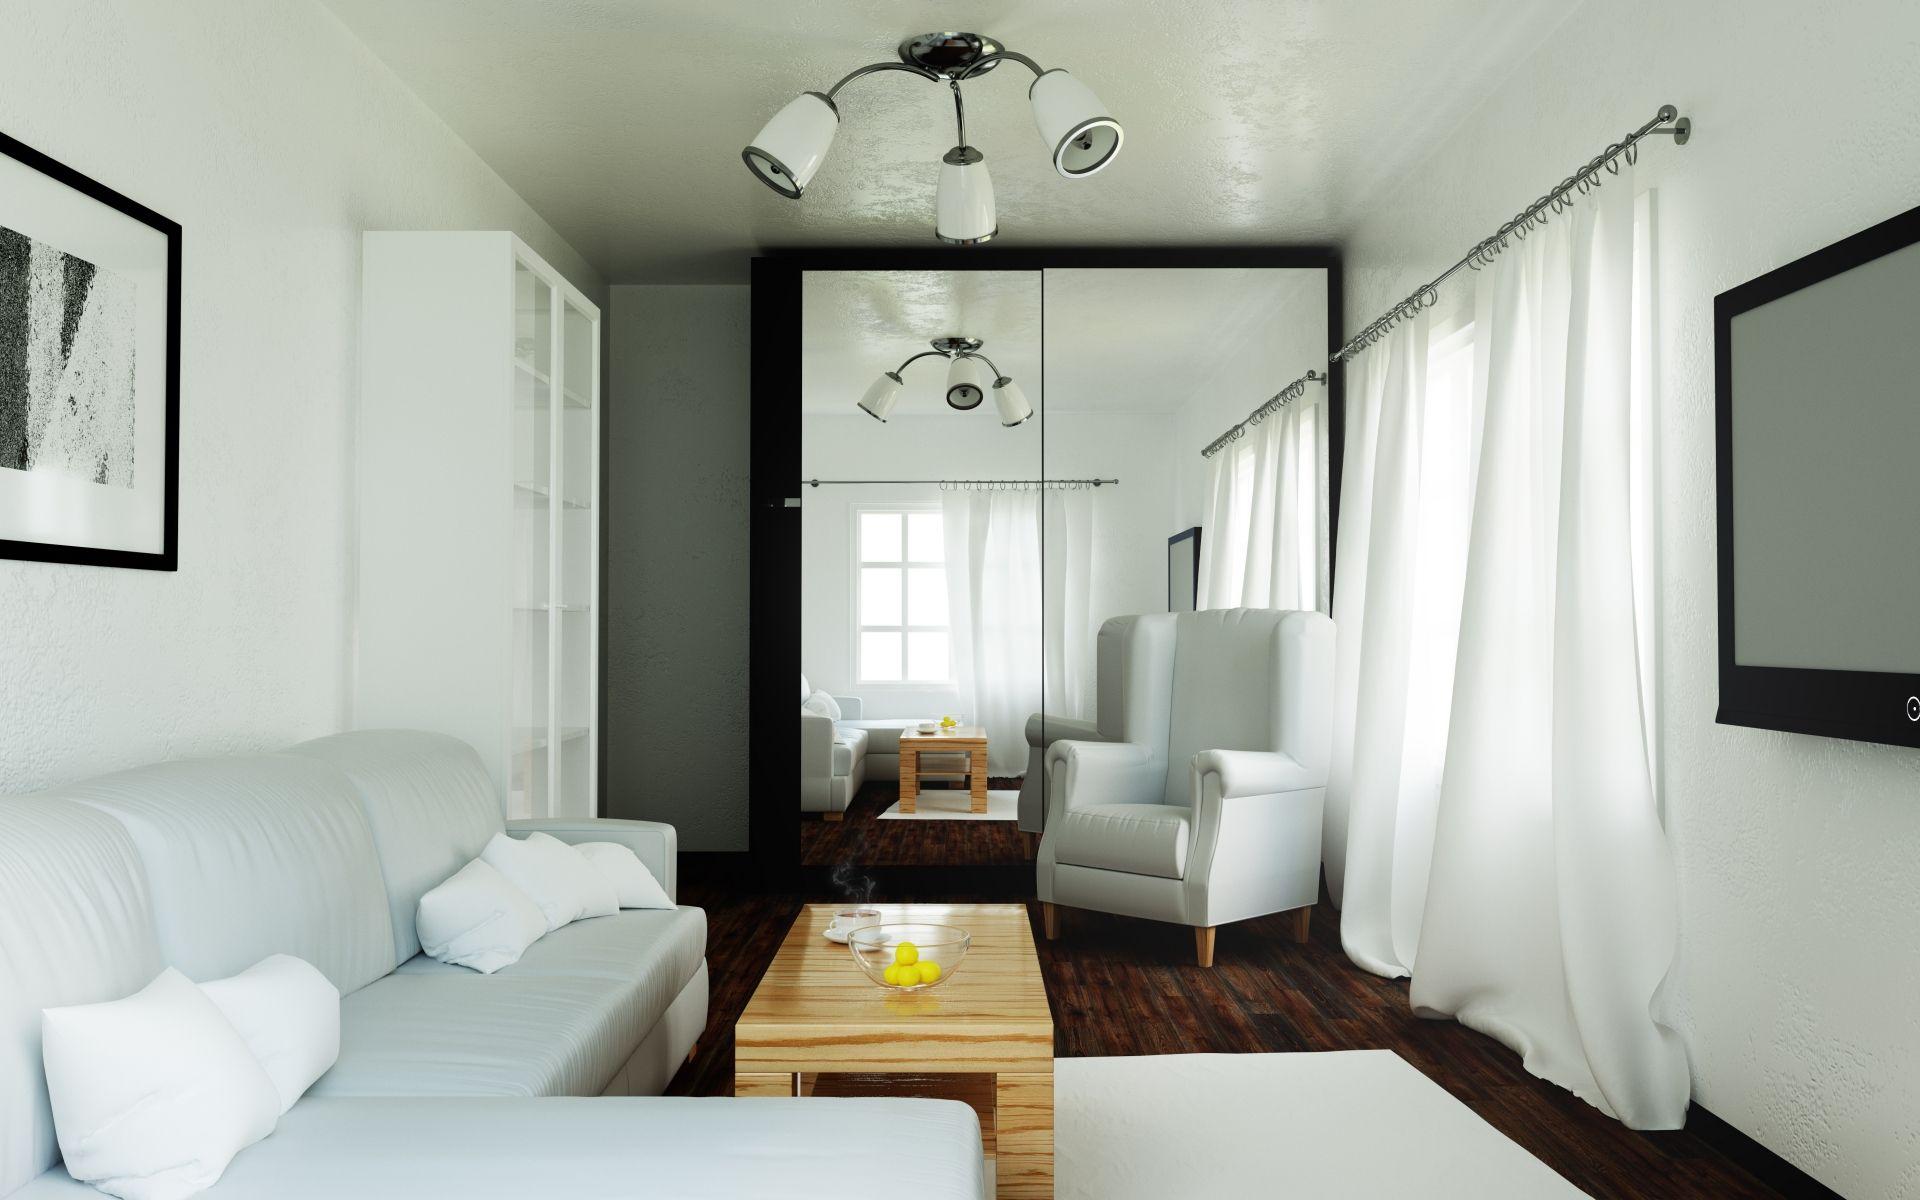 Sala de estar com paredes e cortinas brancas, sofá cinza e um armário com portas de correr espelhadas no fundo